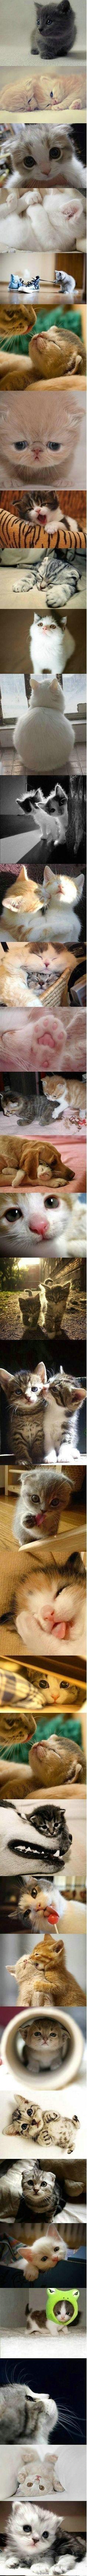 adorable faces!